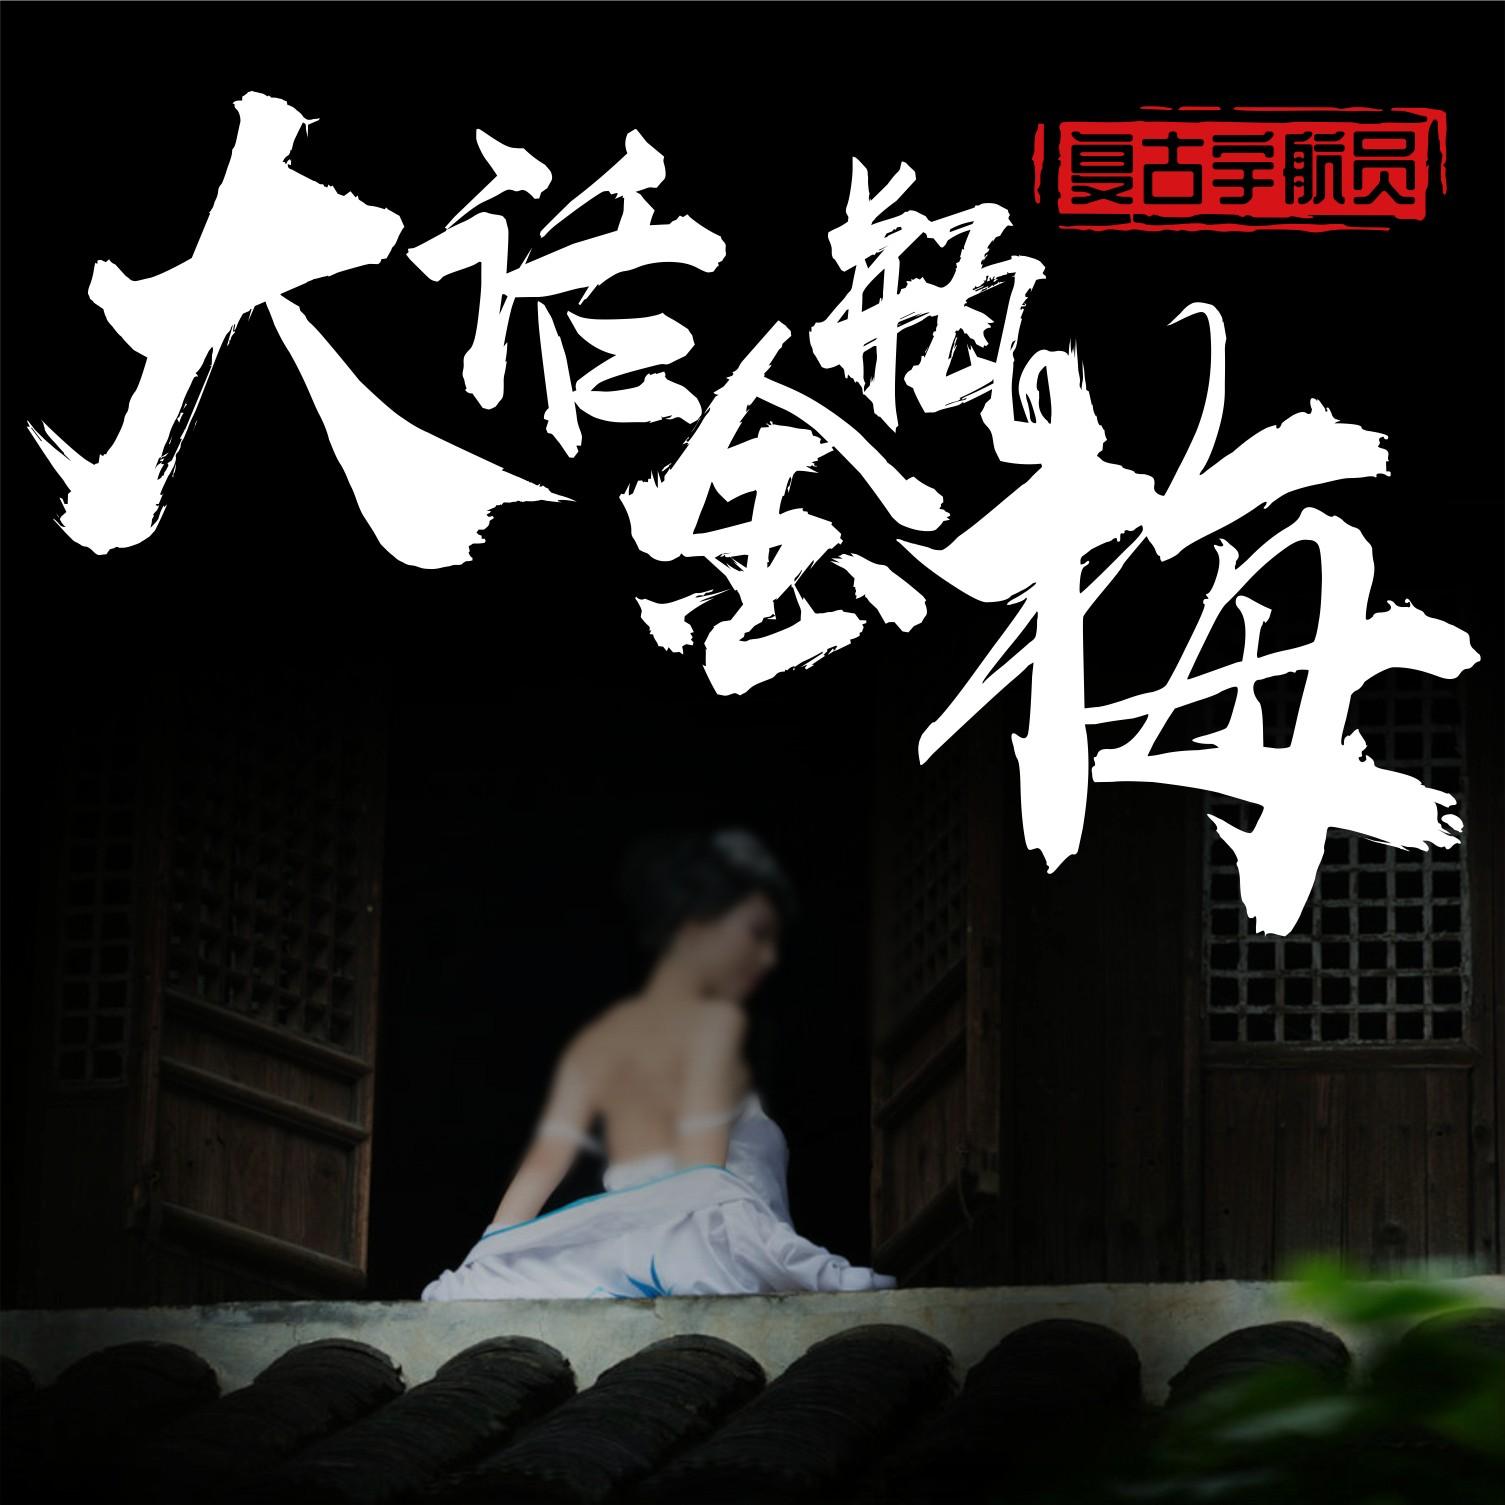 【大话金瓶梅】先导预告片